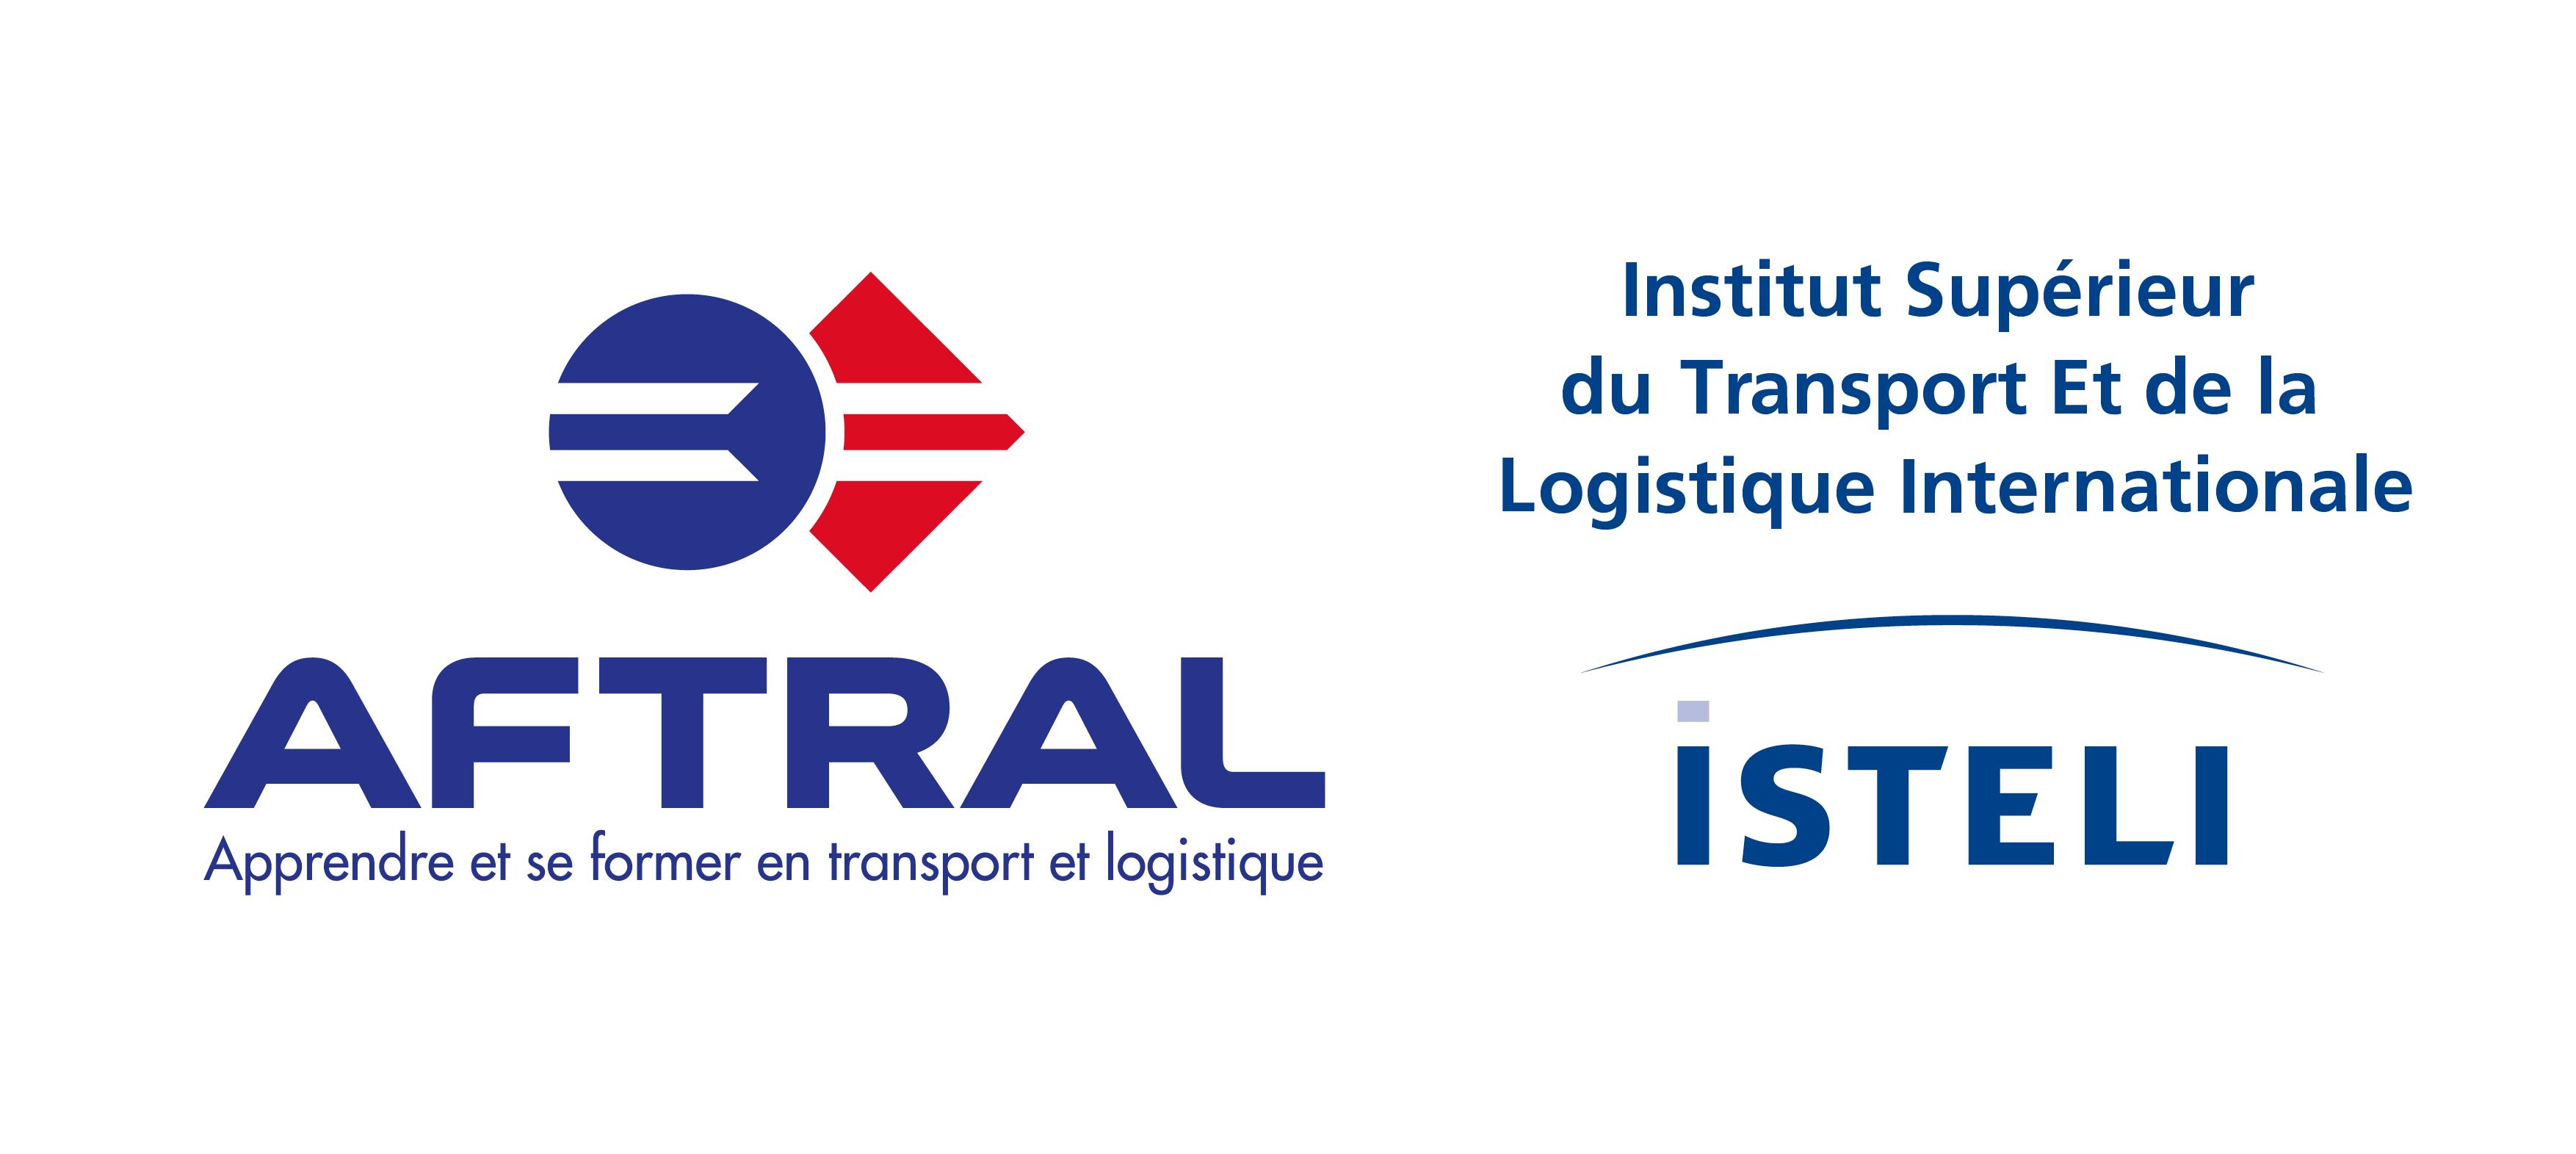 AFTRAL ISTELI